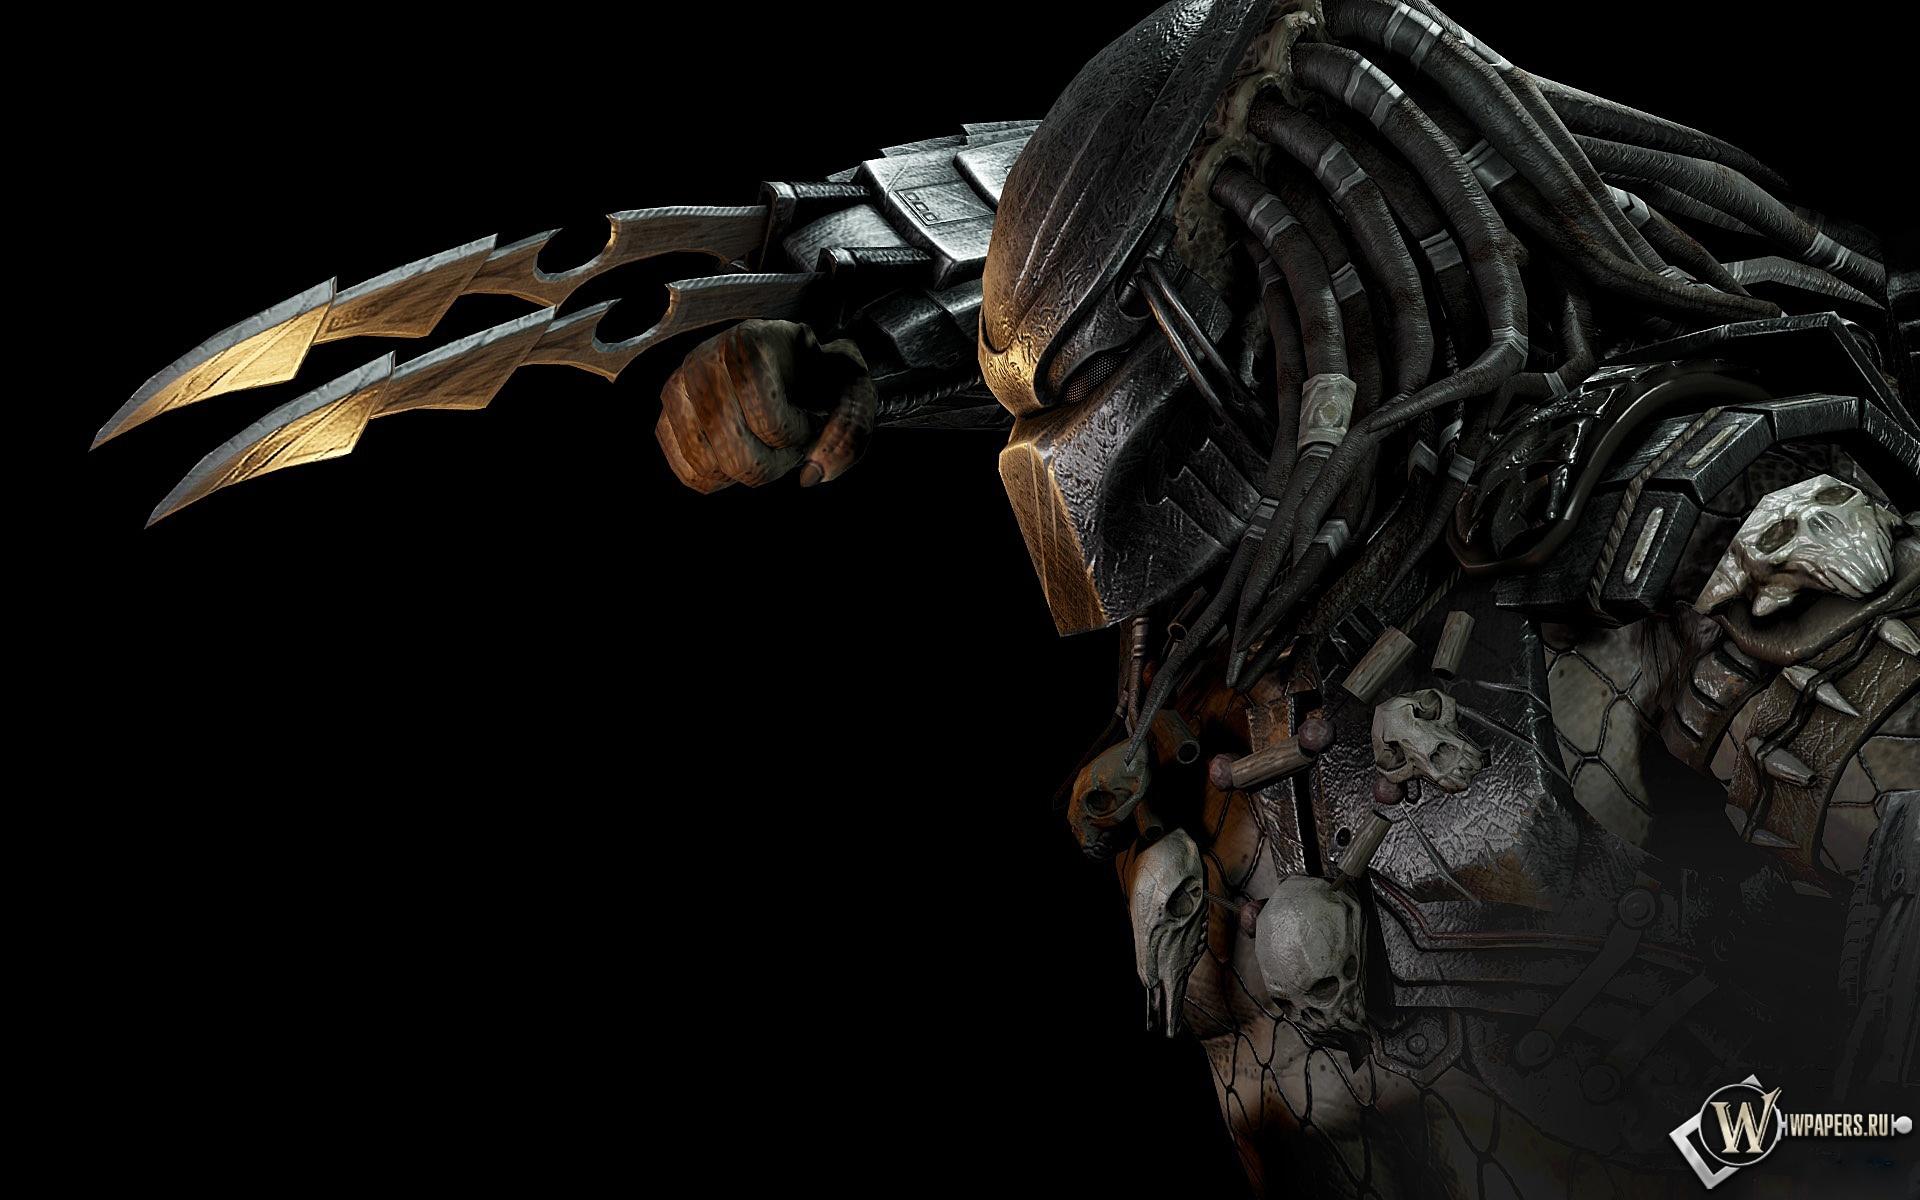 Na wielki ekran wróci nie tylko Obcy, ale również… Predator. Scenariusz jest gotowy